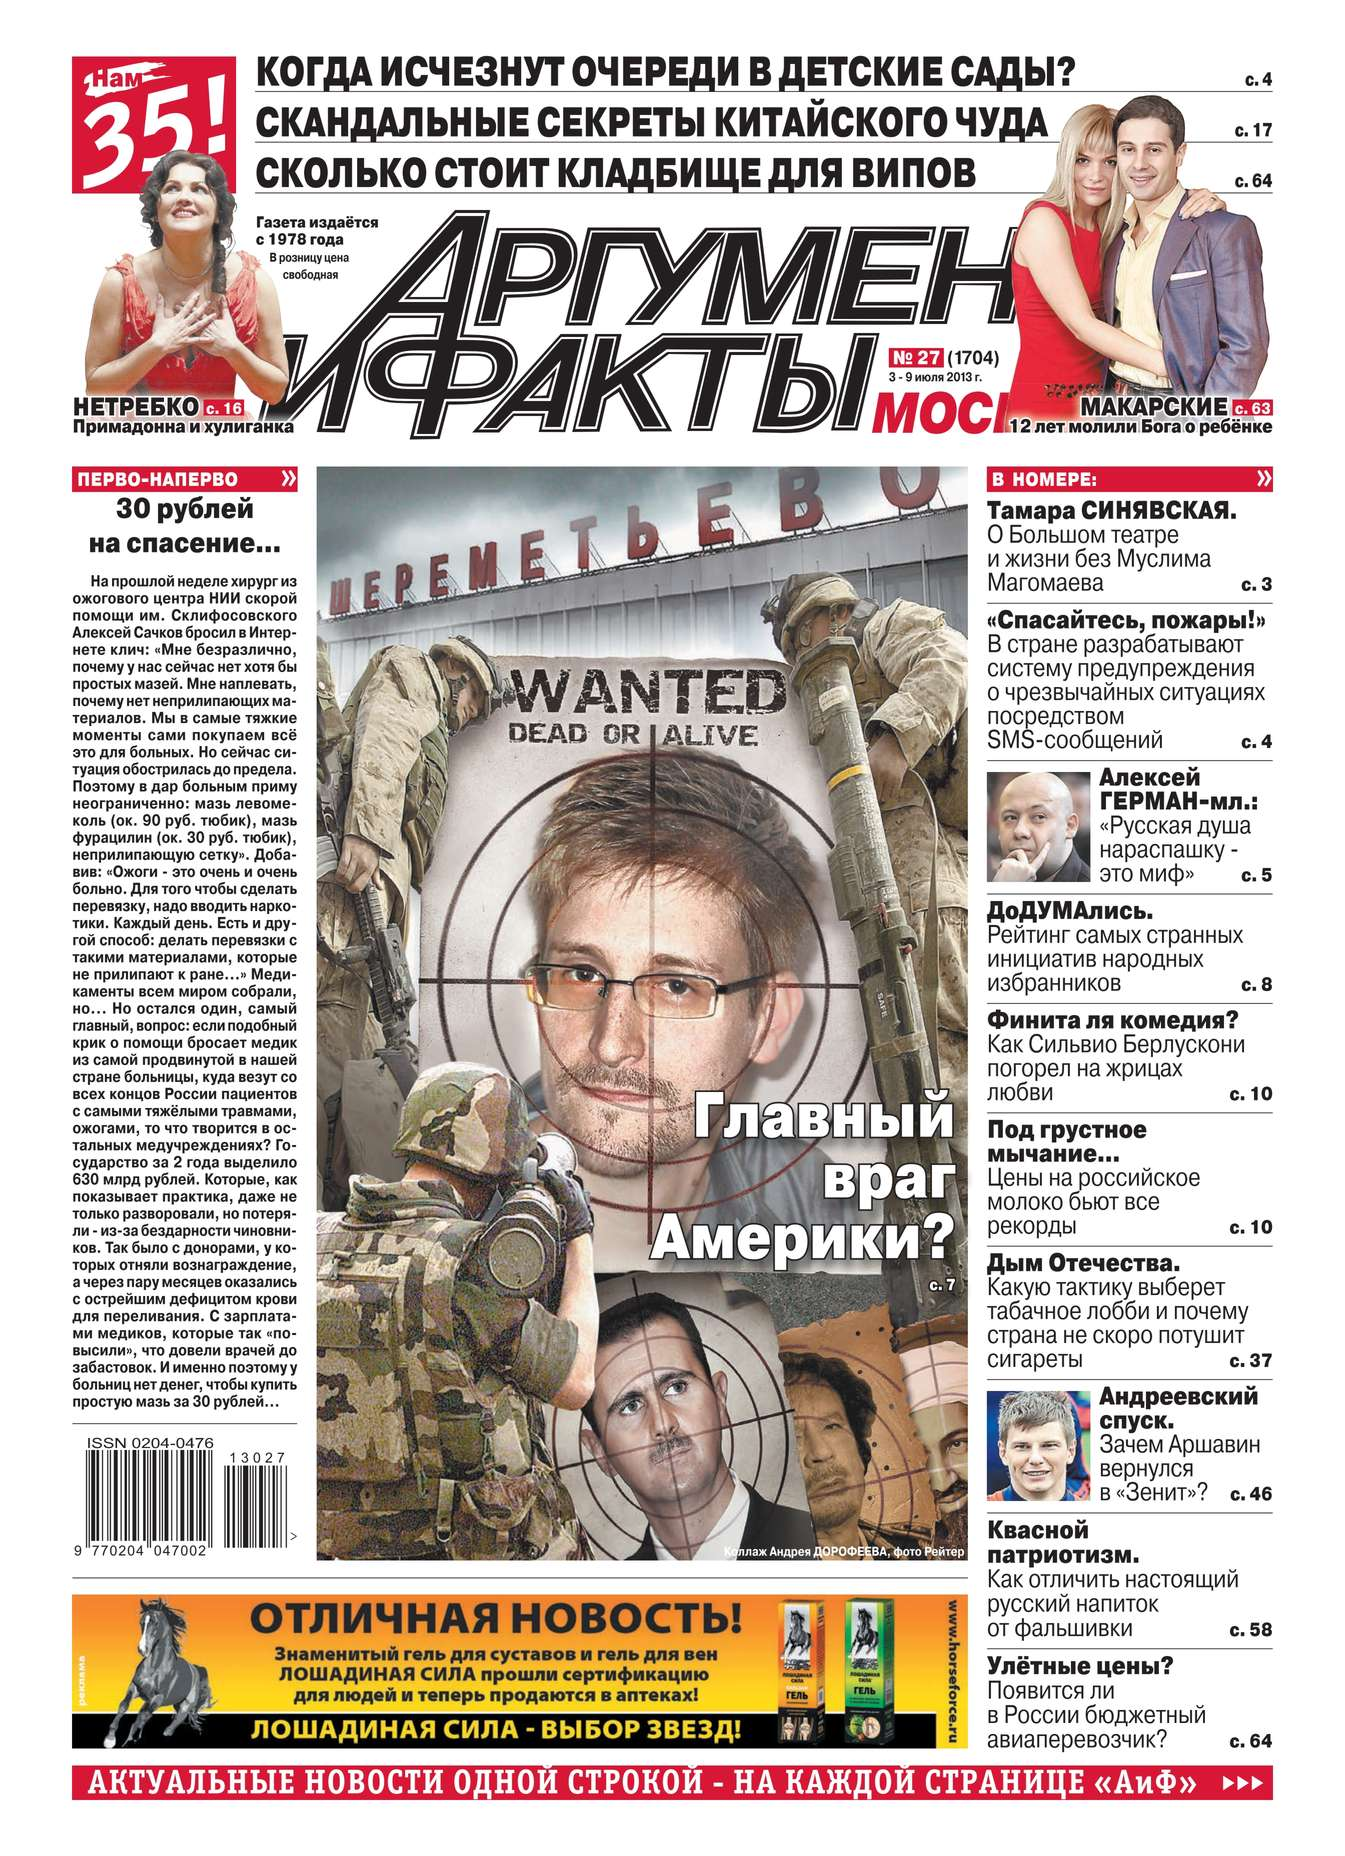 Редакция журнала Аиф. Про Кухню Аргументы и факты 27-2013